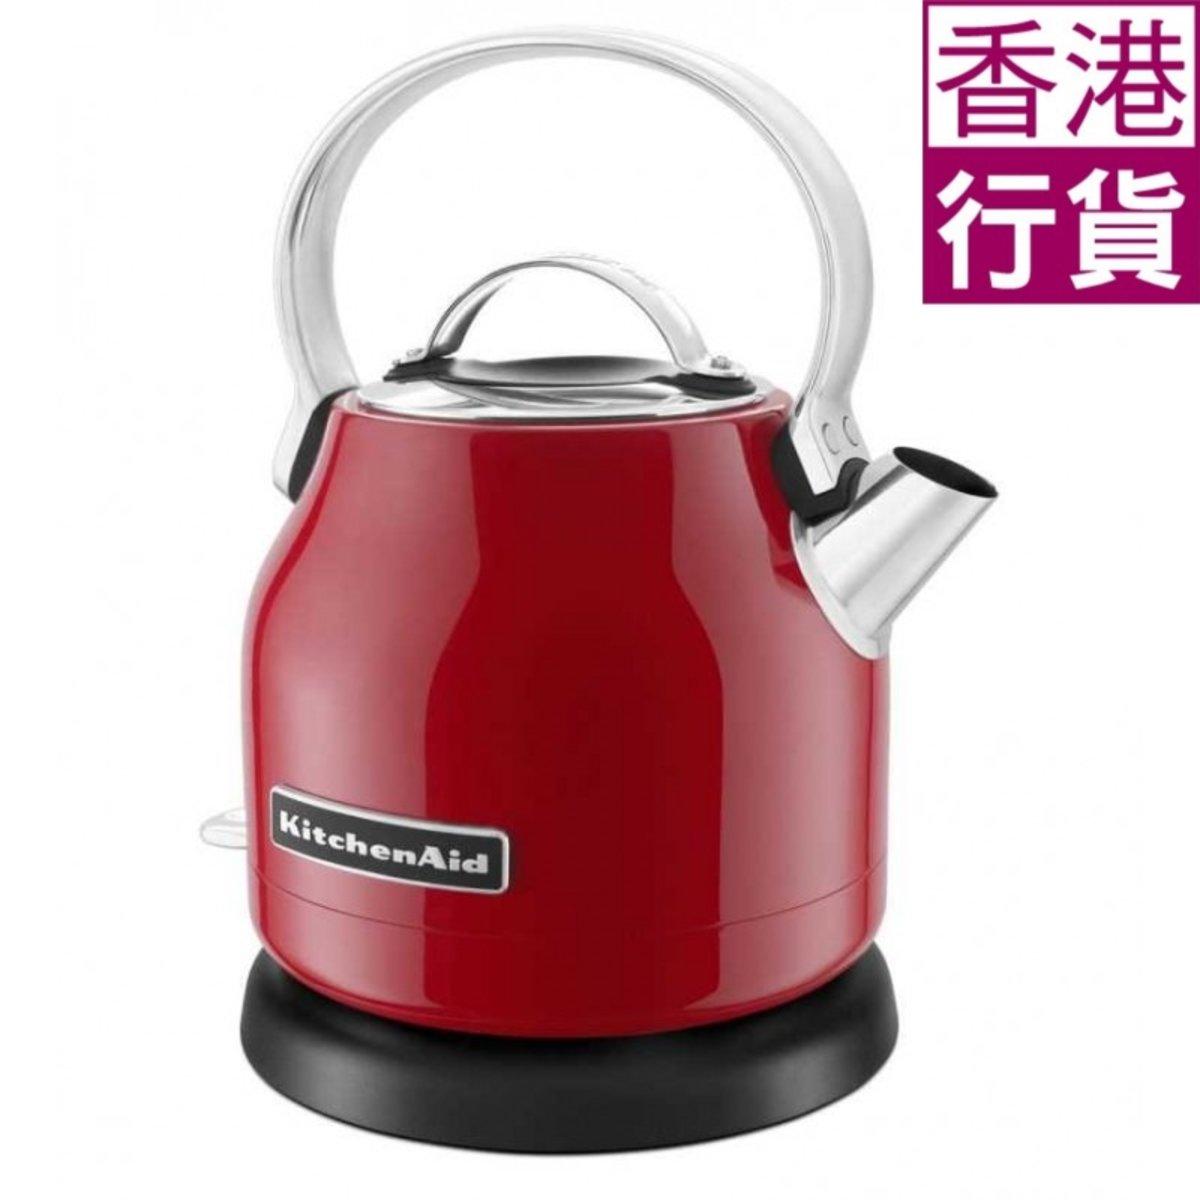 1.2L 電水壺 (紅色) (香港行貨) 5KEK1222BER